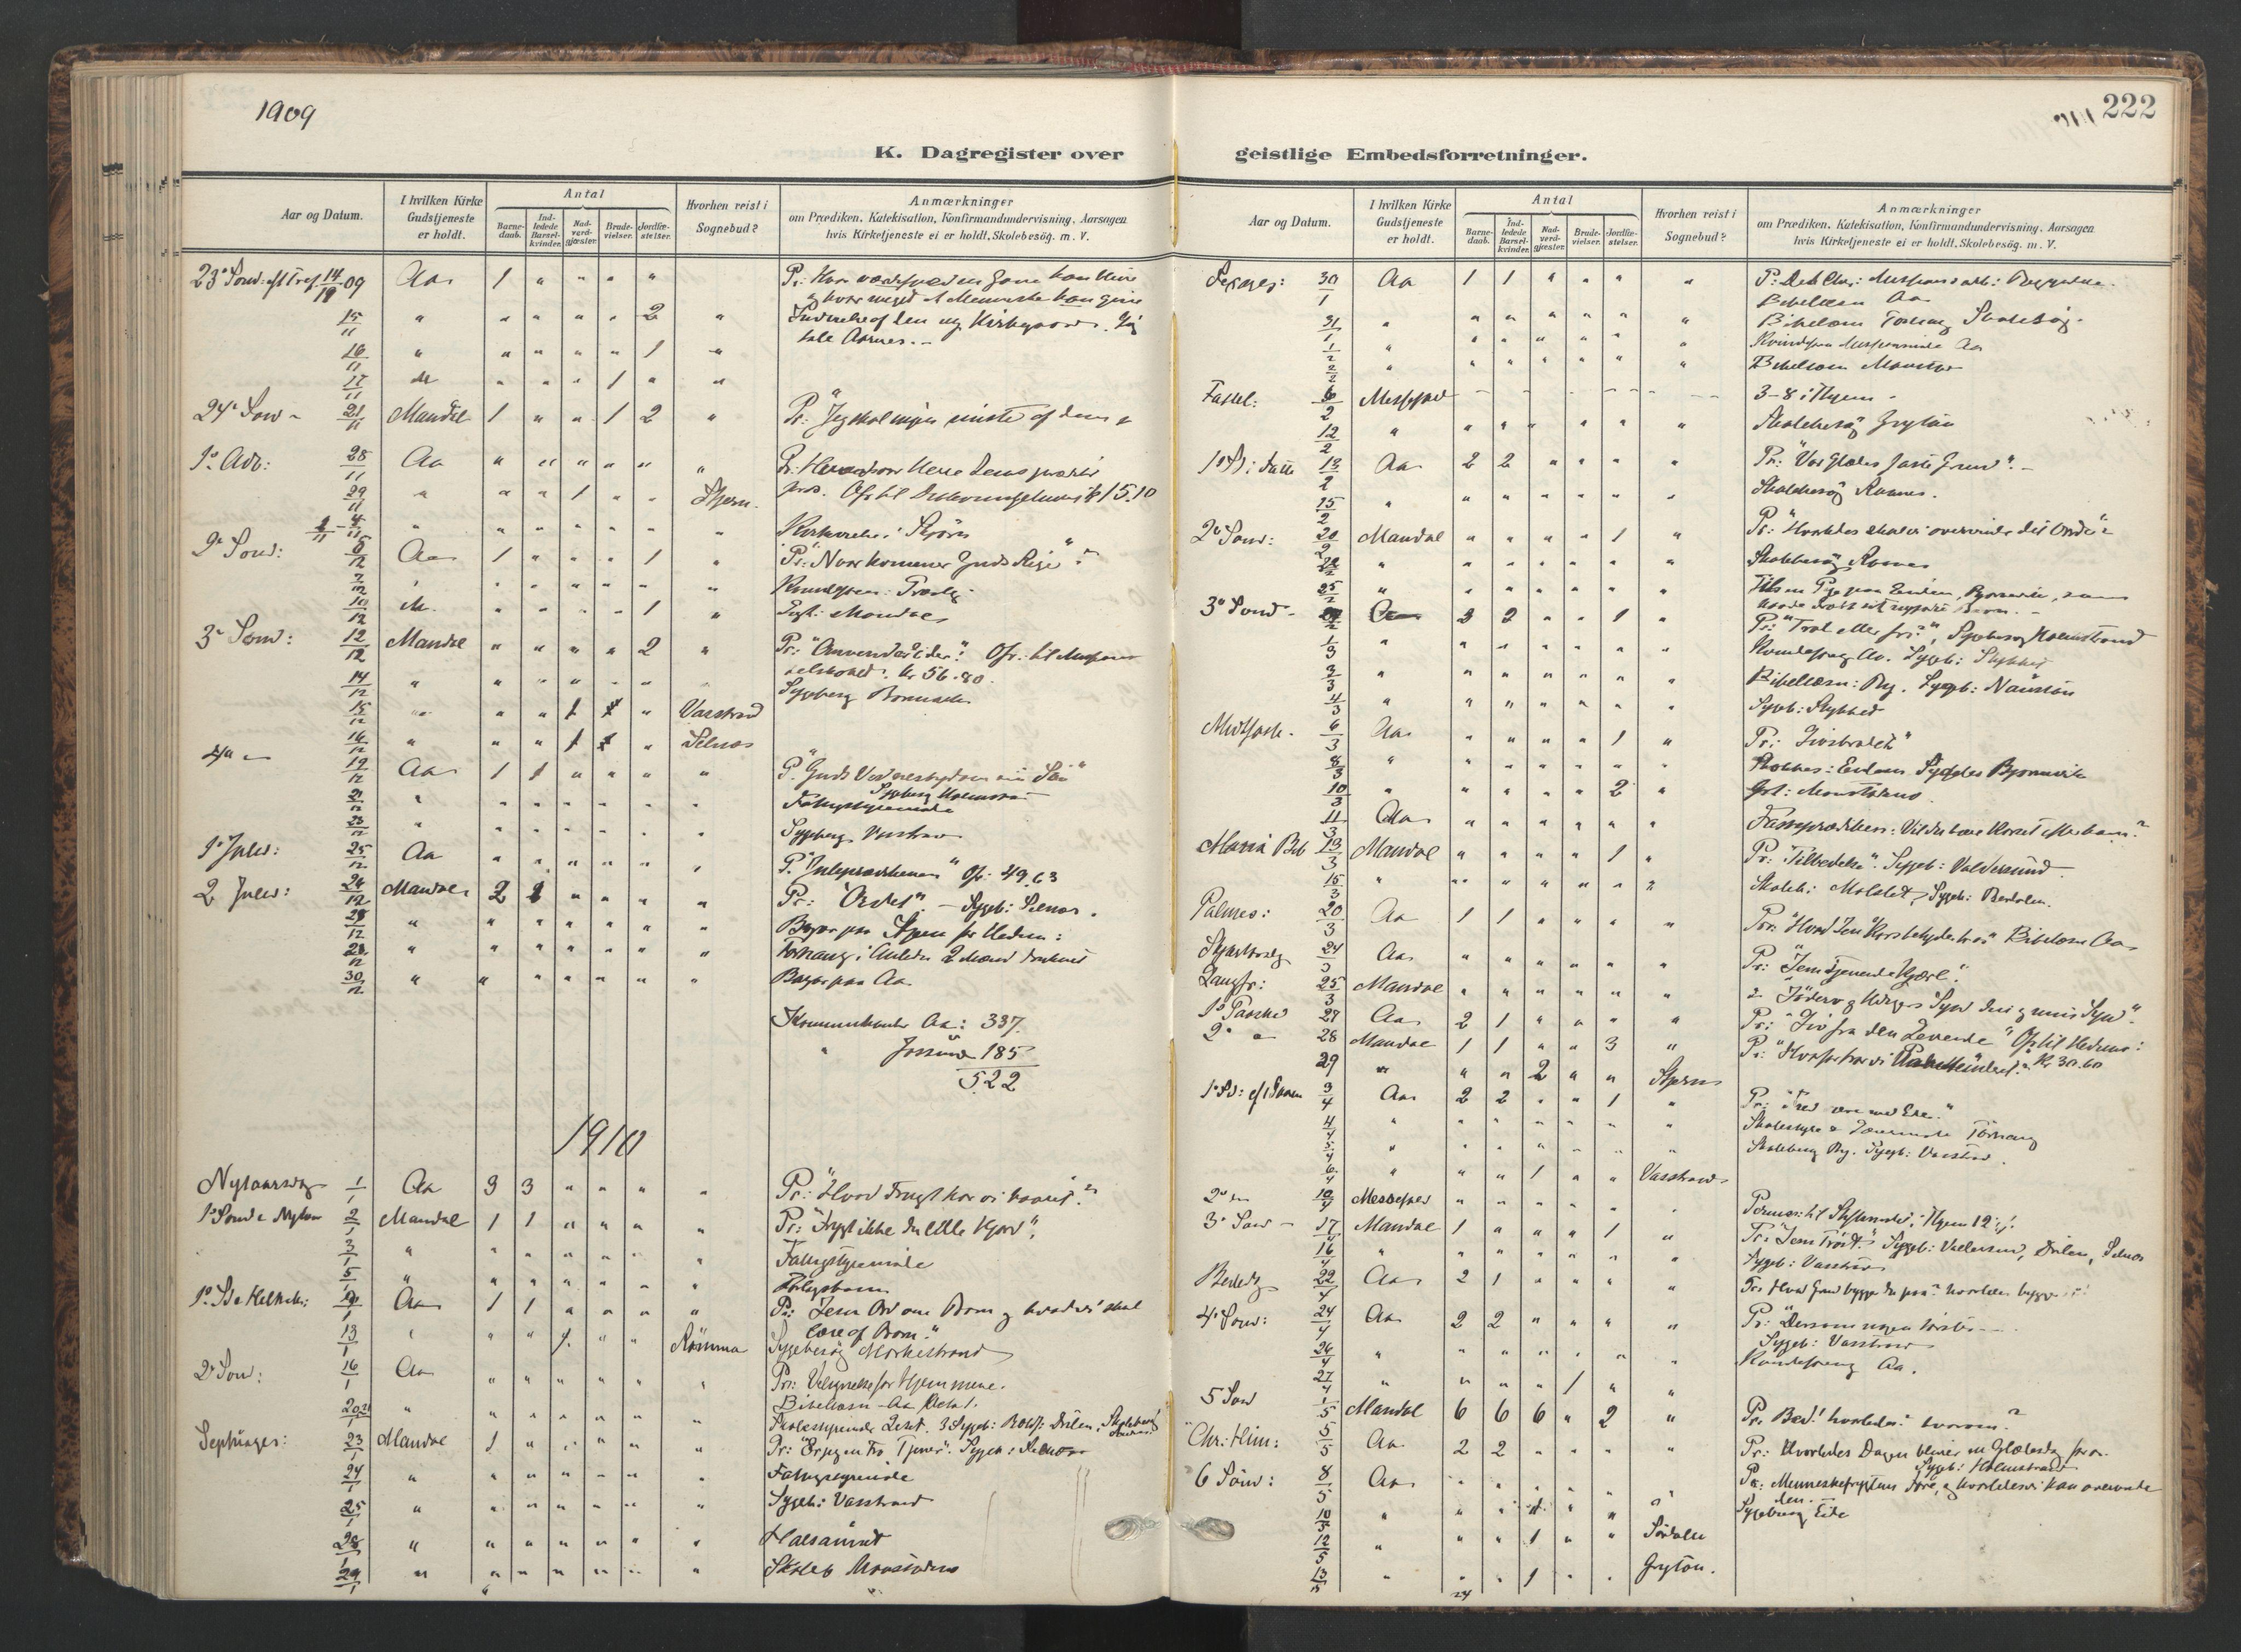 SAT, Ministerialprotokoller, klokkerbøker og fødselsregistre - Sør-Trøndelag, 655/L0682: Ministerialbok nr. 655A11, 1908-1922, s. 222